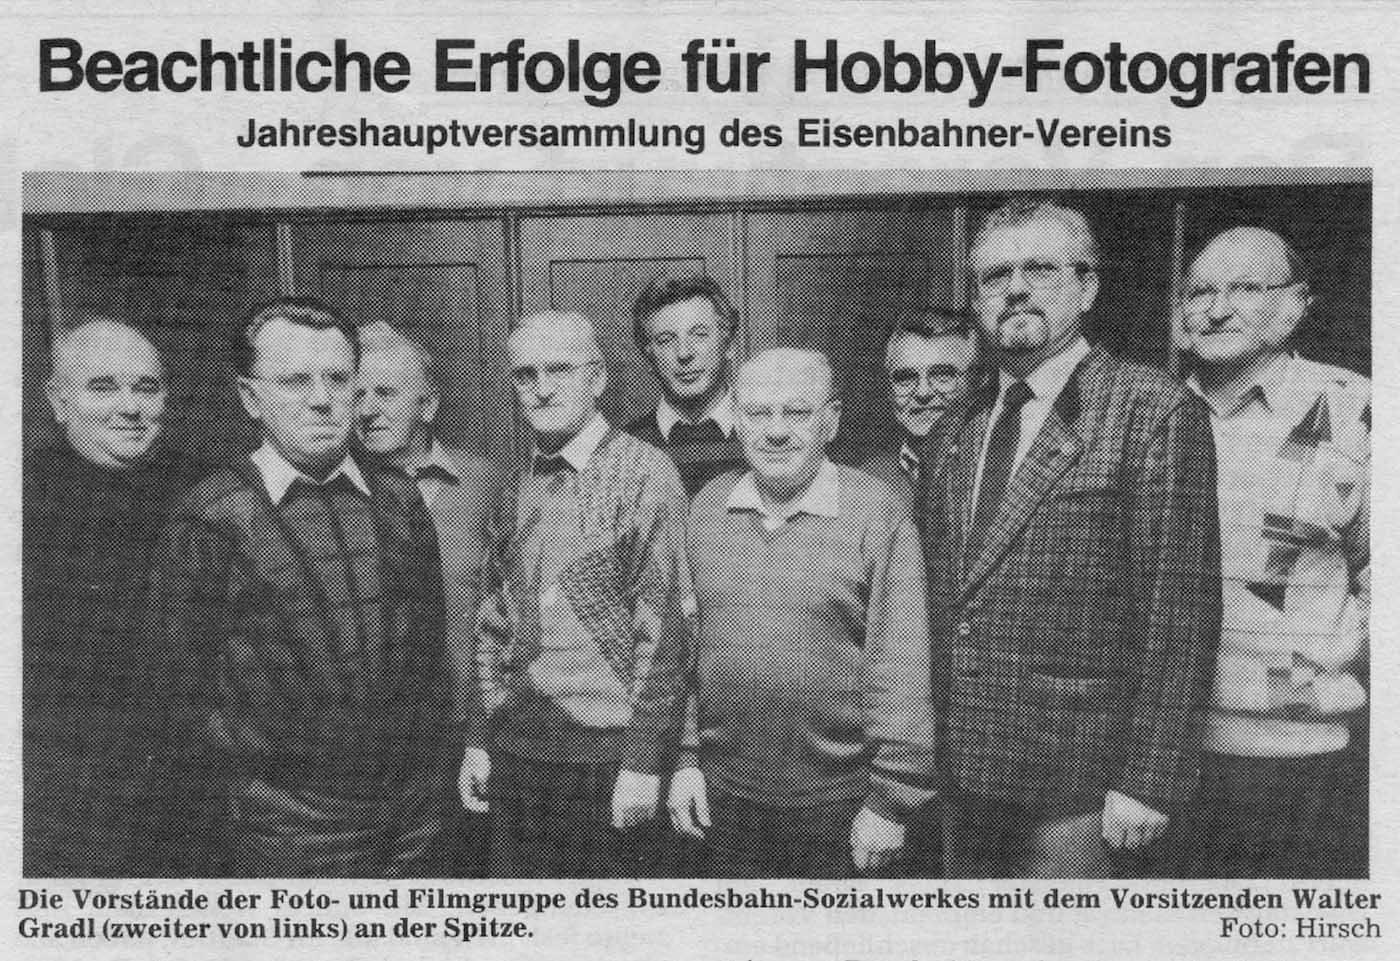 Beachtliche Erfolge für Hobby-Fotografen